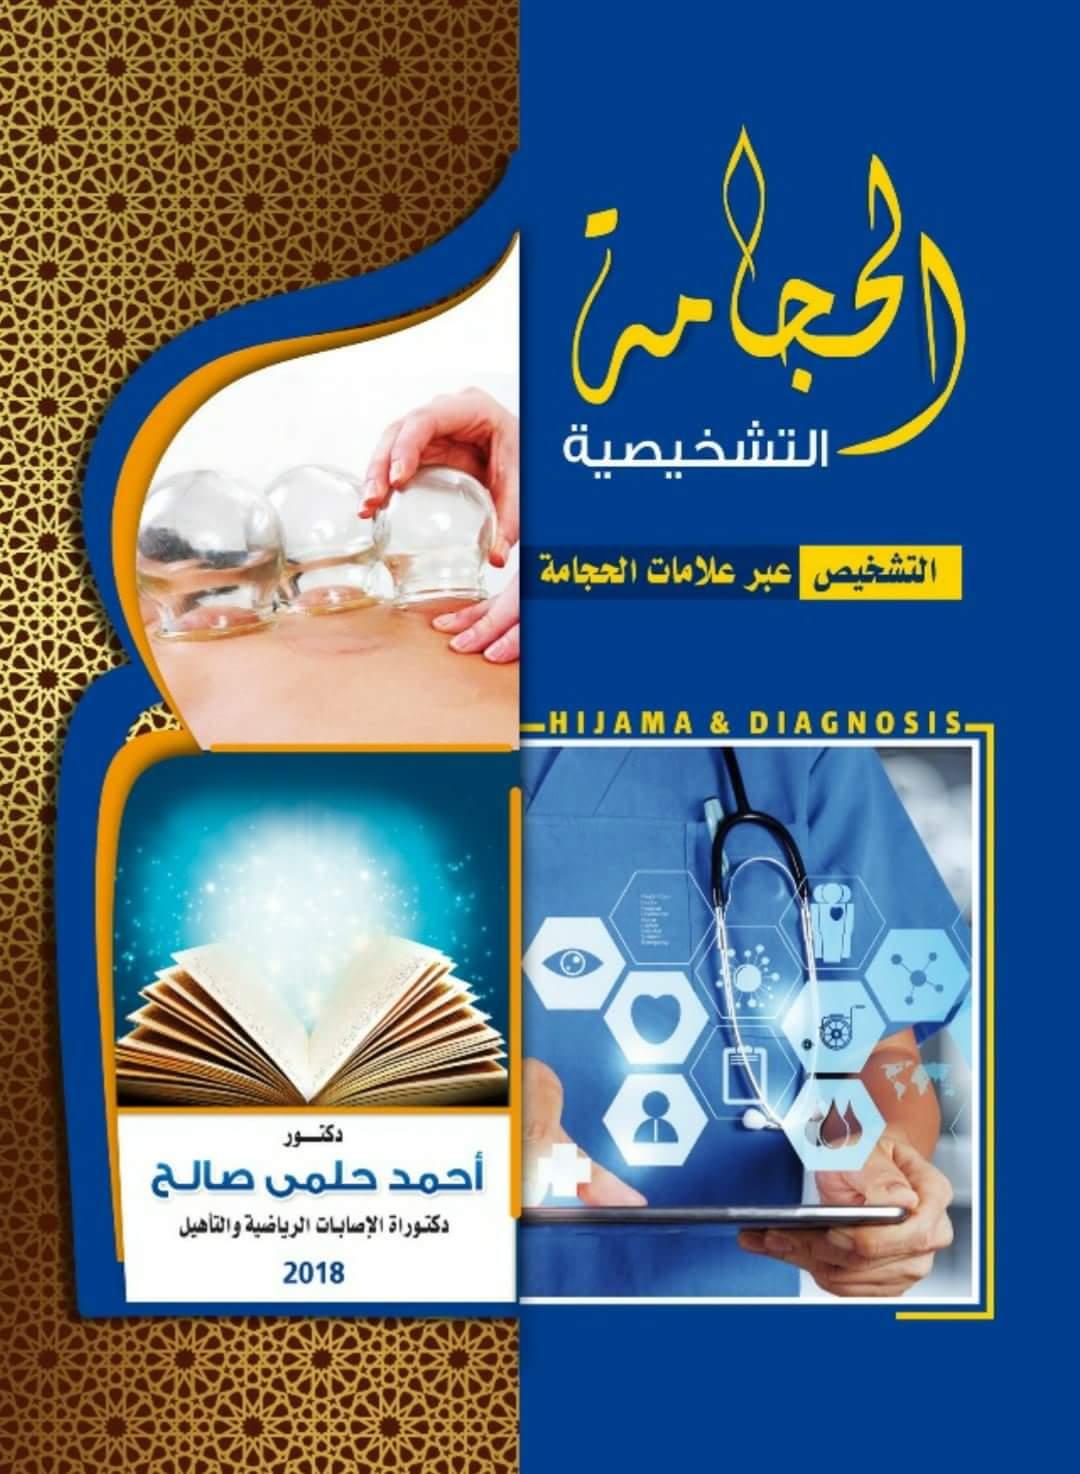 كتاب الحجامة التشخيصية